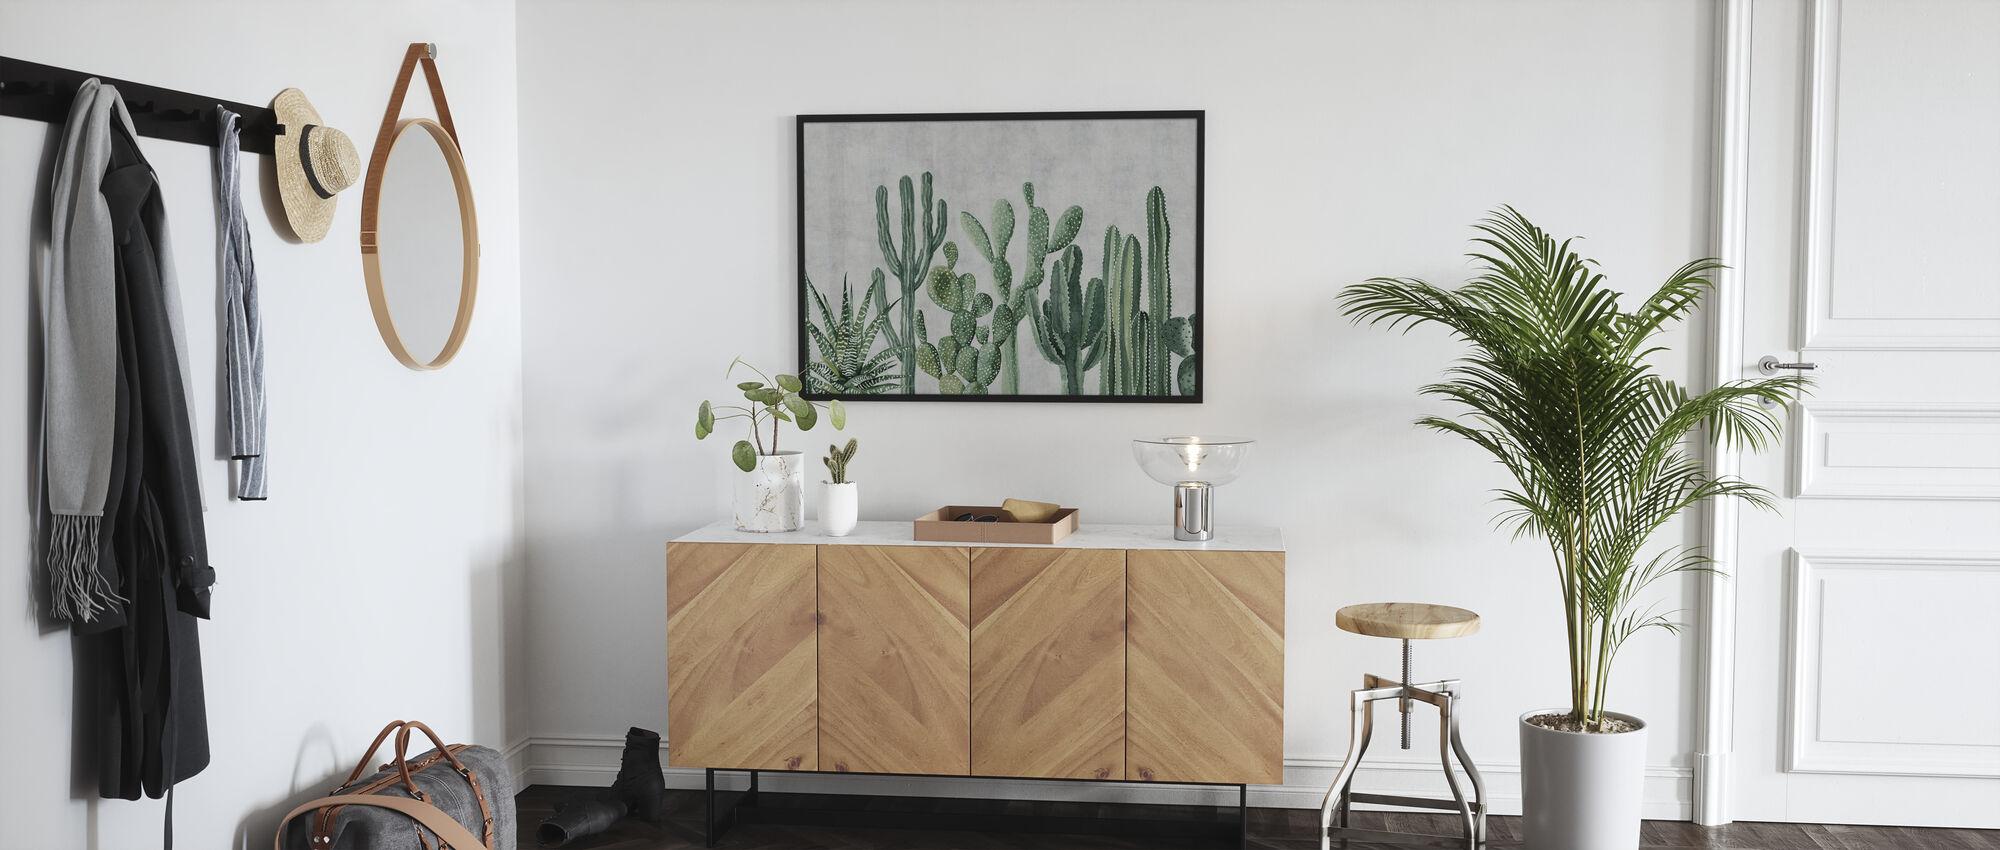 Atacama Kaktus - Poster - Hall